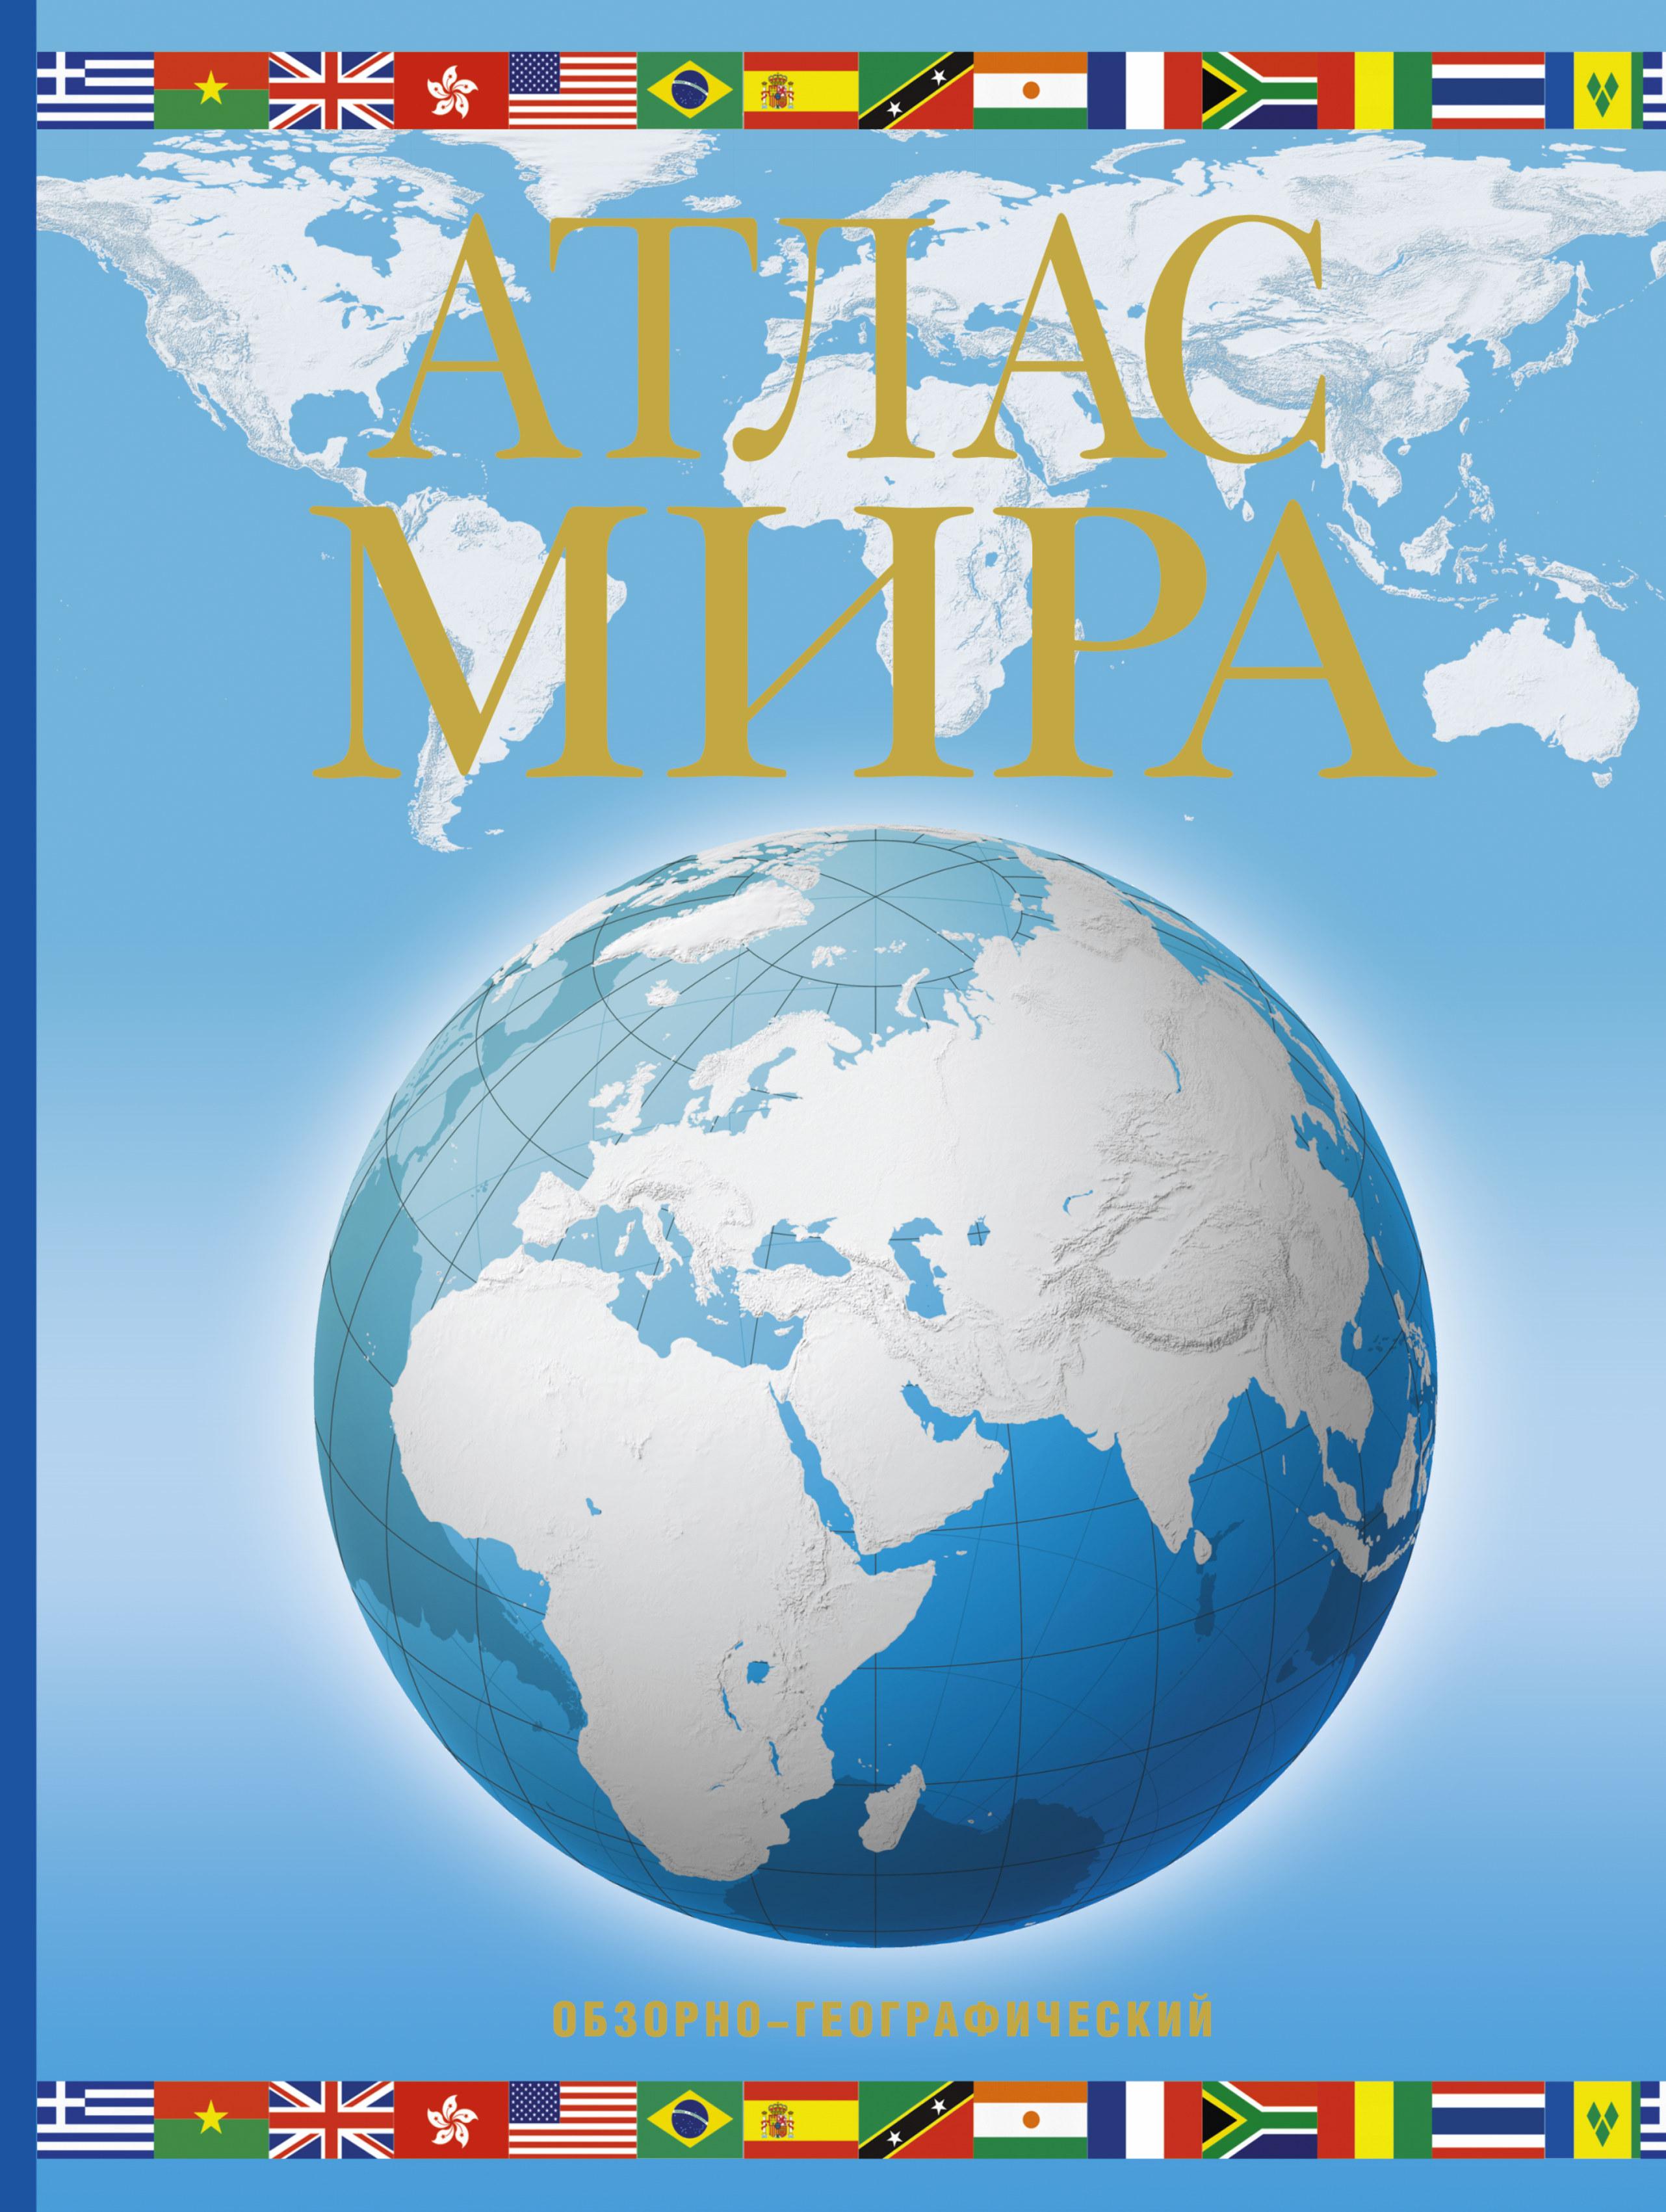 Атлас мира. Обзорно-географический (голуб.)